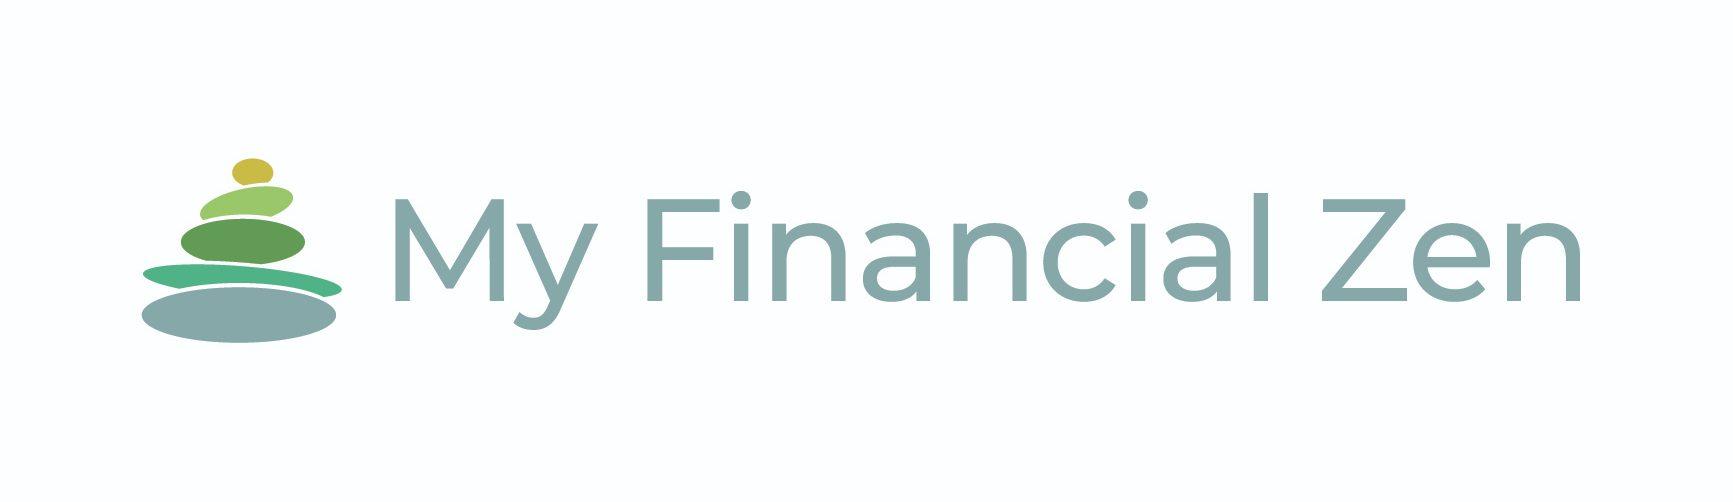 My Financial Zen